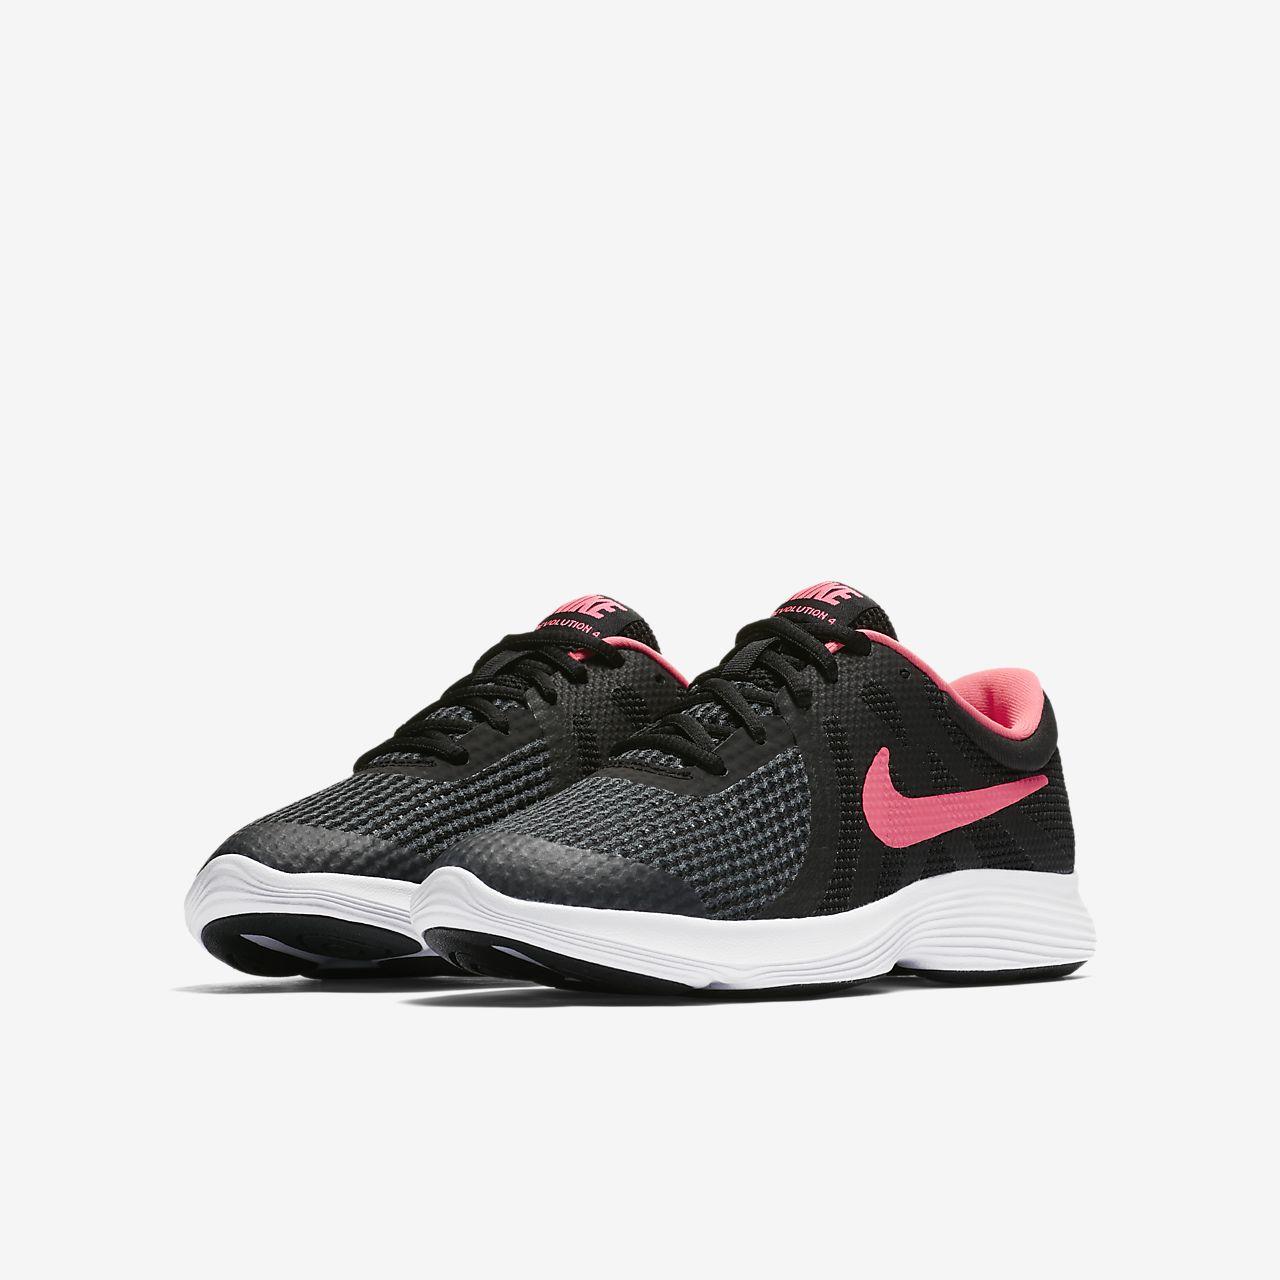 d55ab8d91db42 Nike Revolution 4 Older Kids  Running Shoe. Nike.com AU